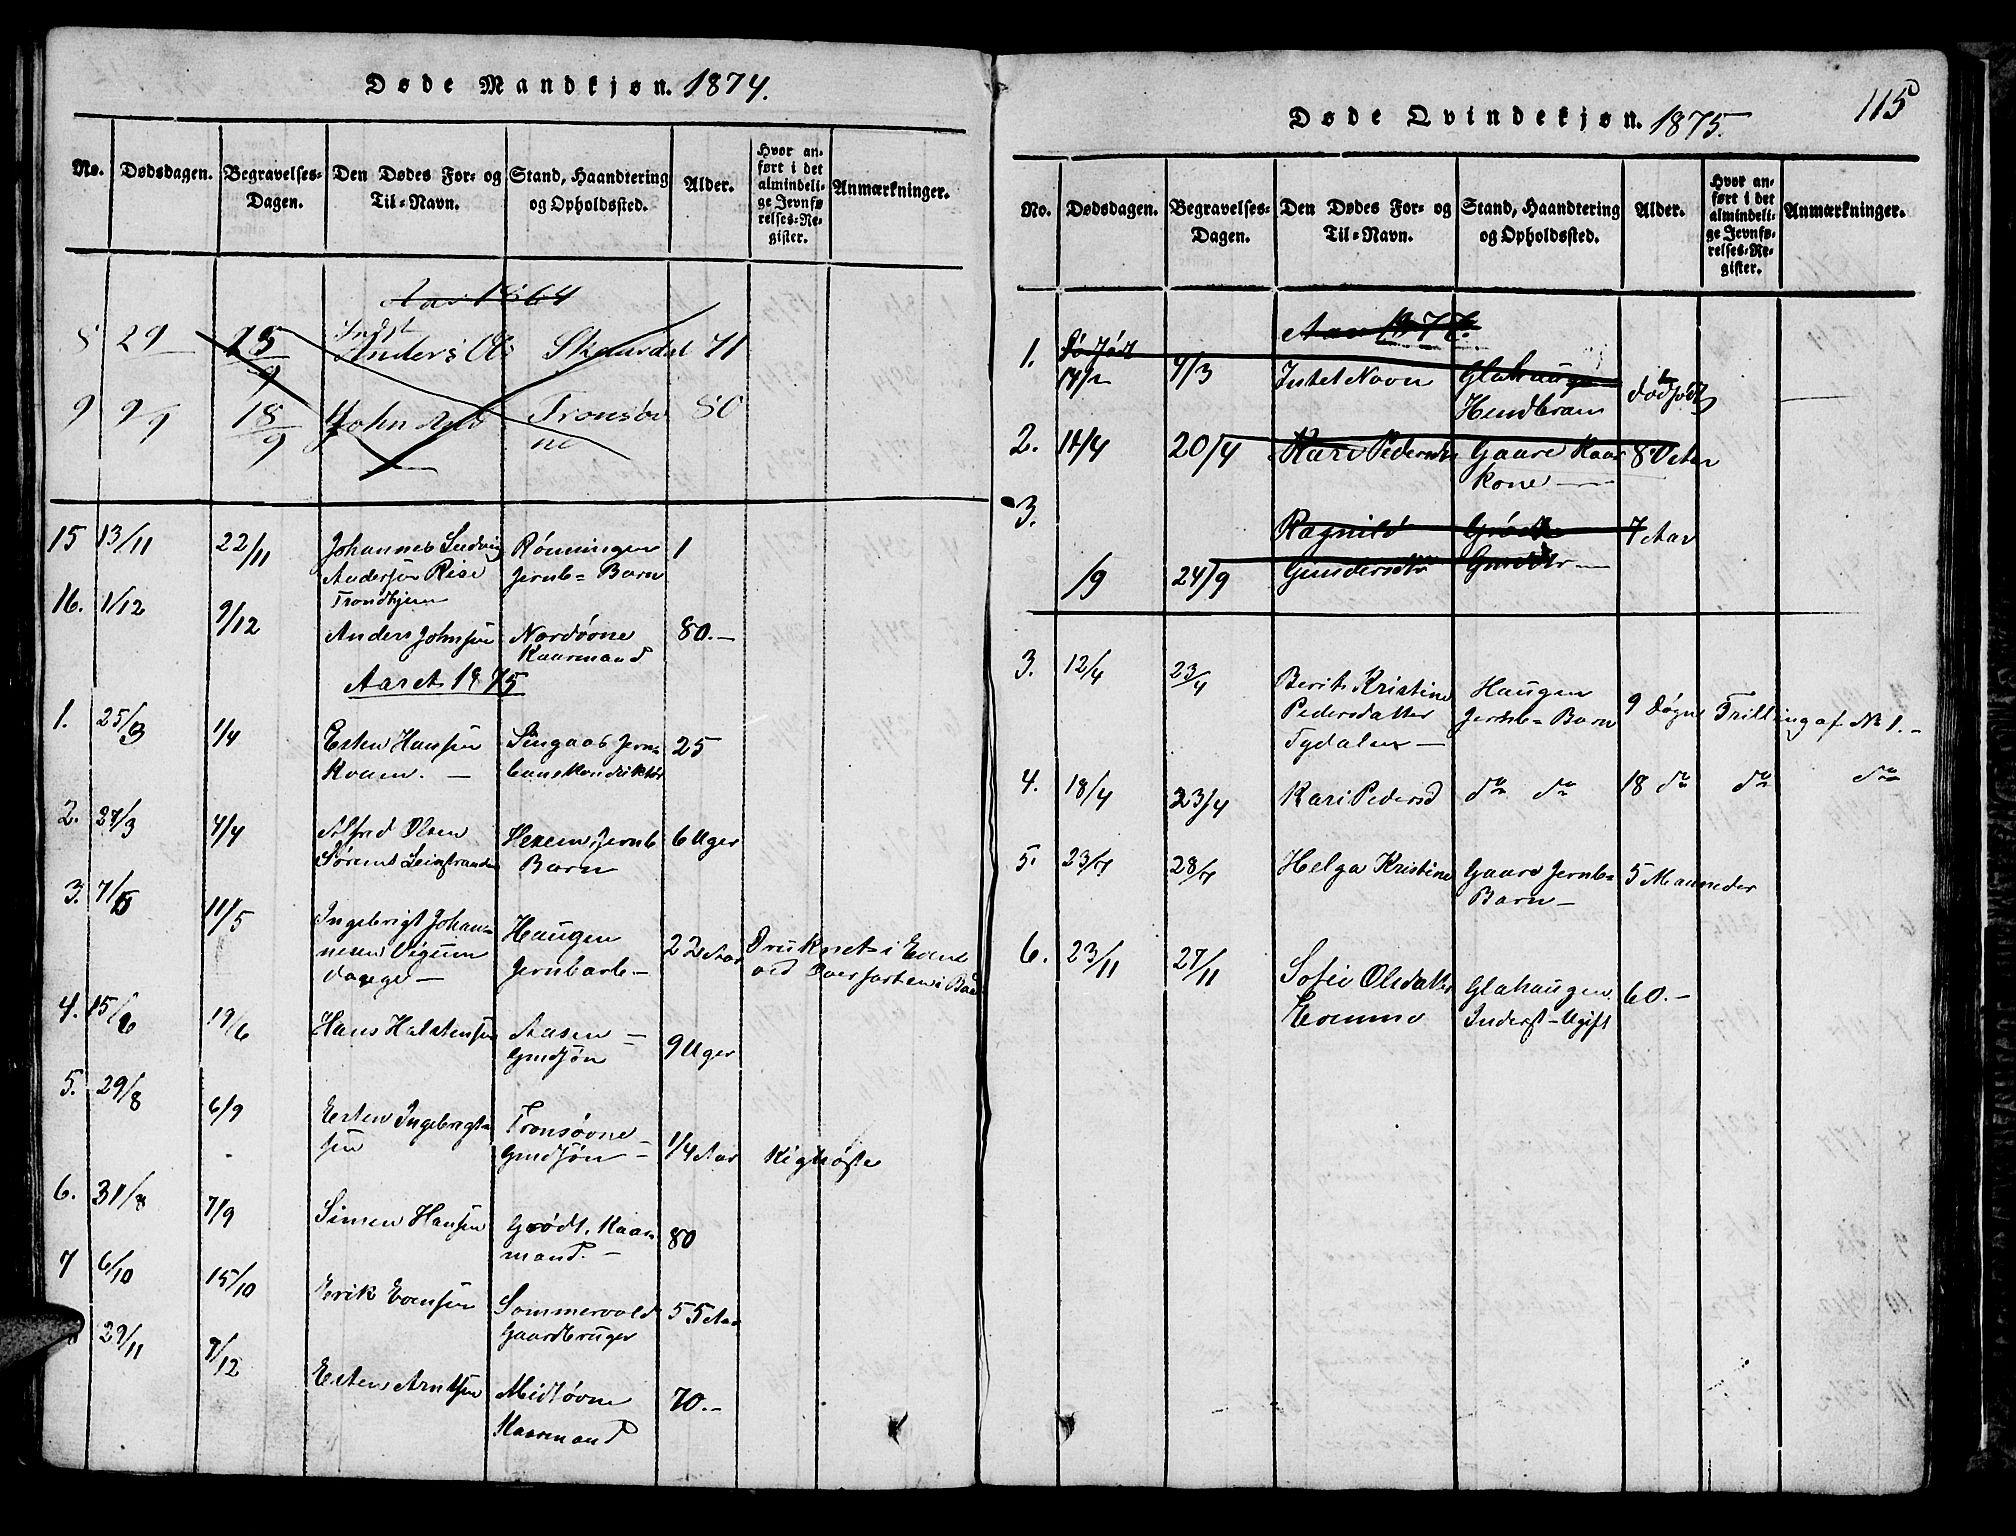 SAT, Ministerialprotokoller, klokkerbøker og fødselsregistre - Sør-Trøndelag, 685/L0976: Klokkerbok nr. 685C01, 1817-1878, s. 115